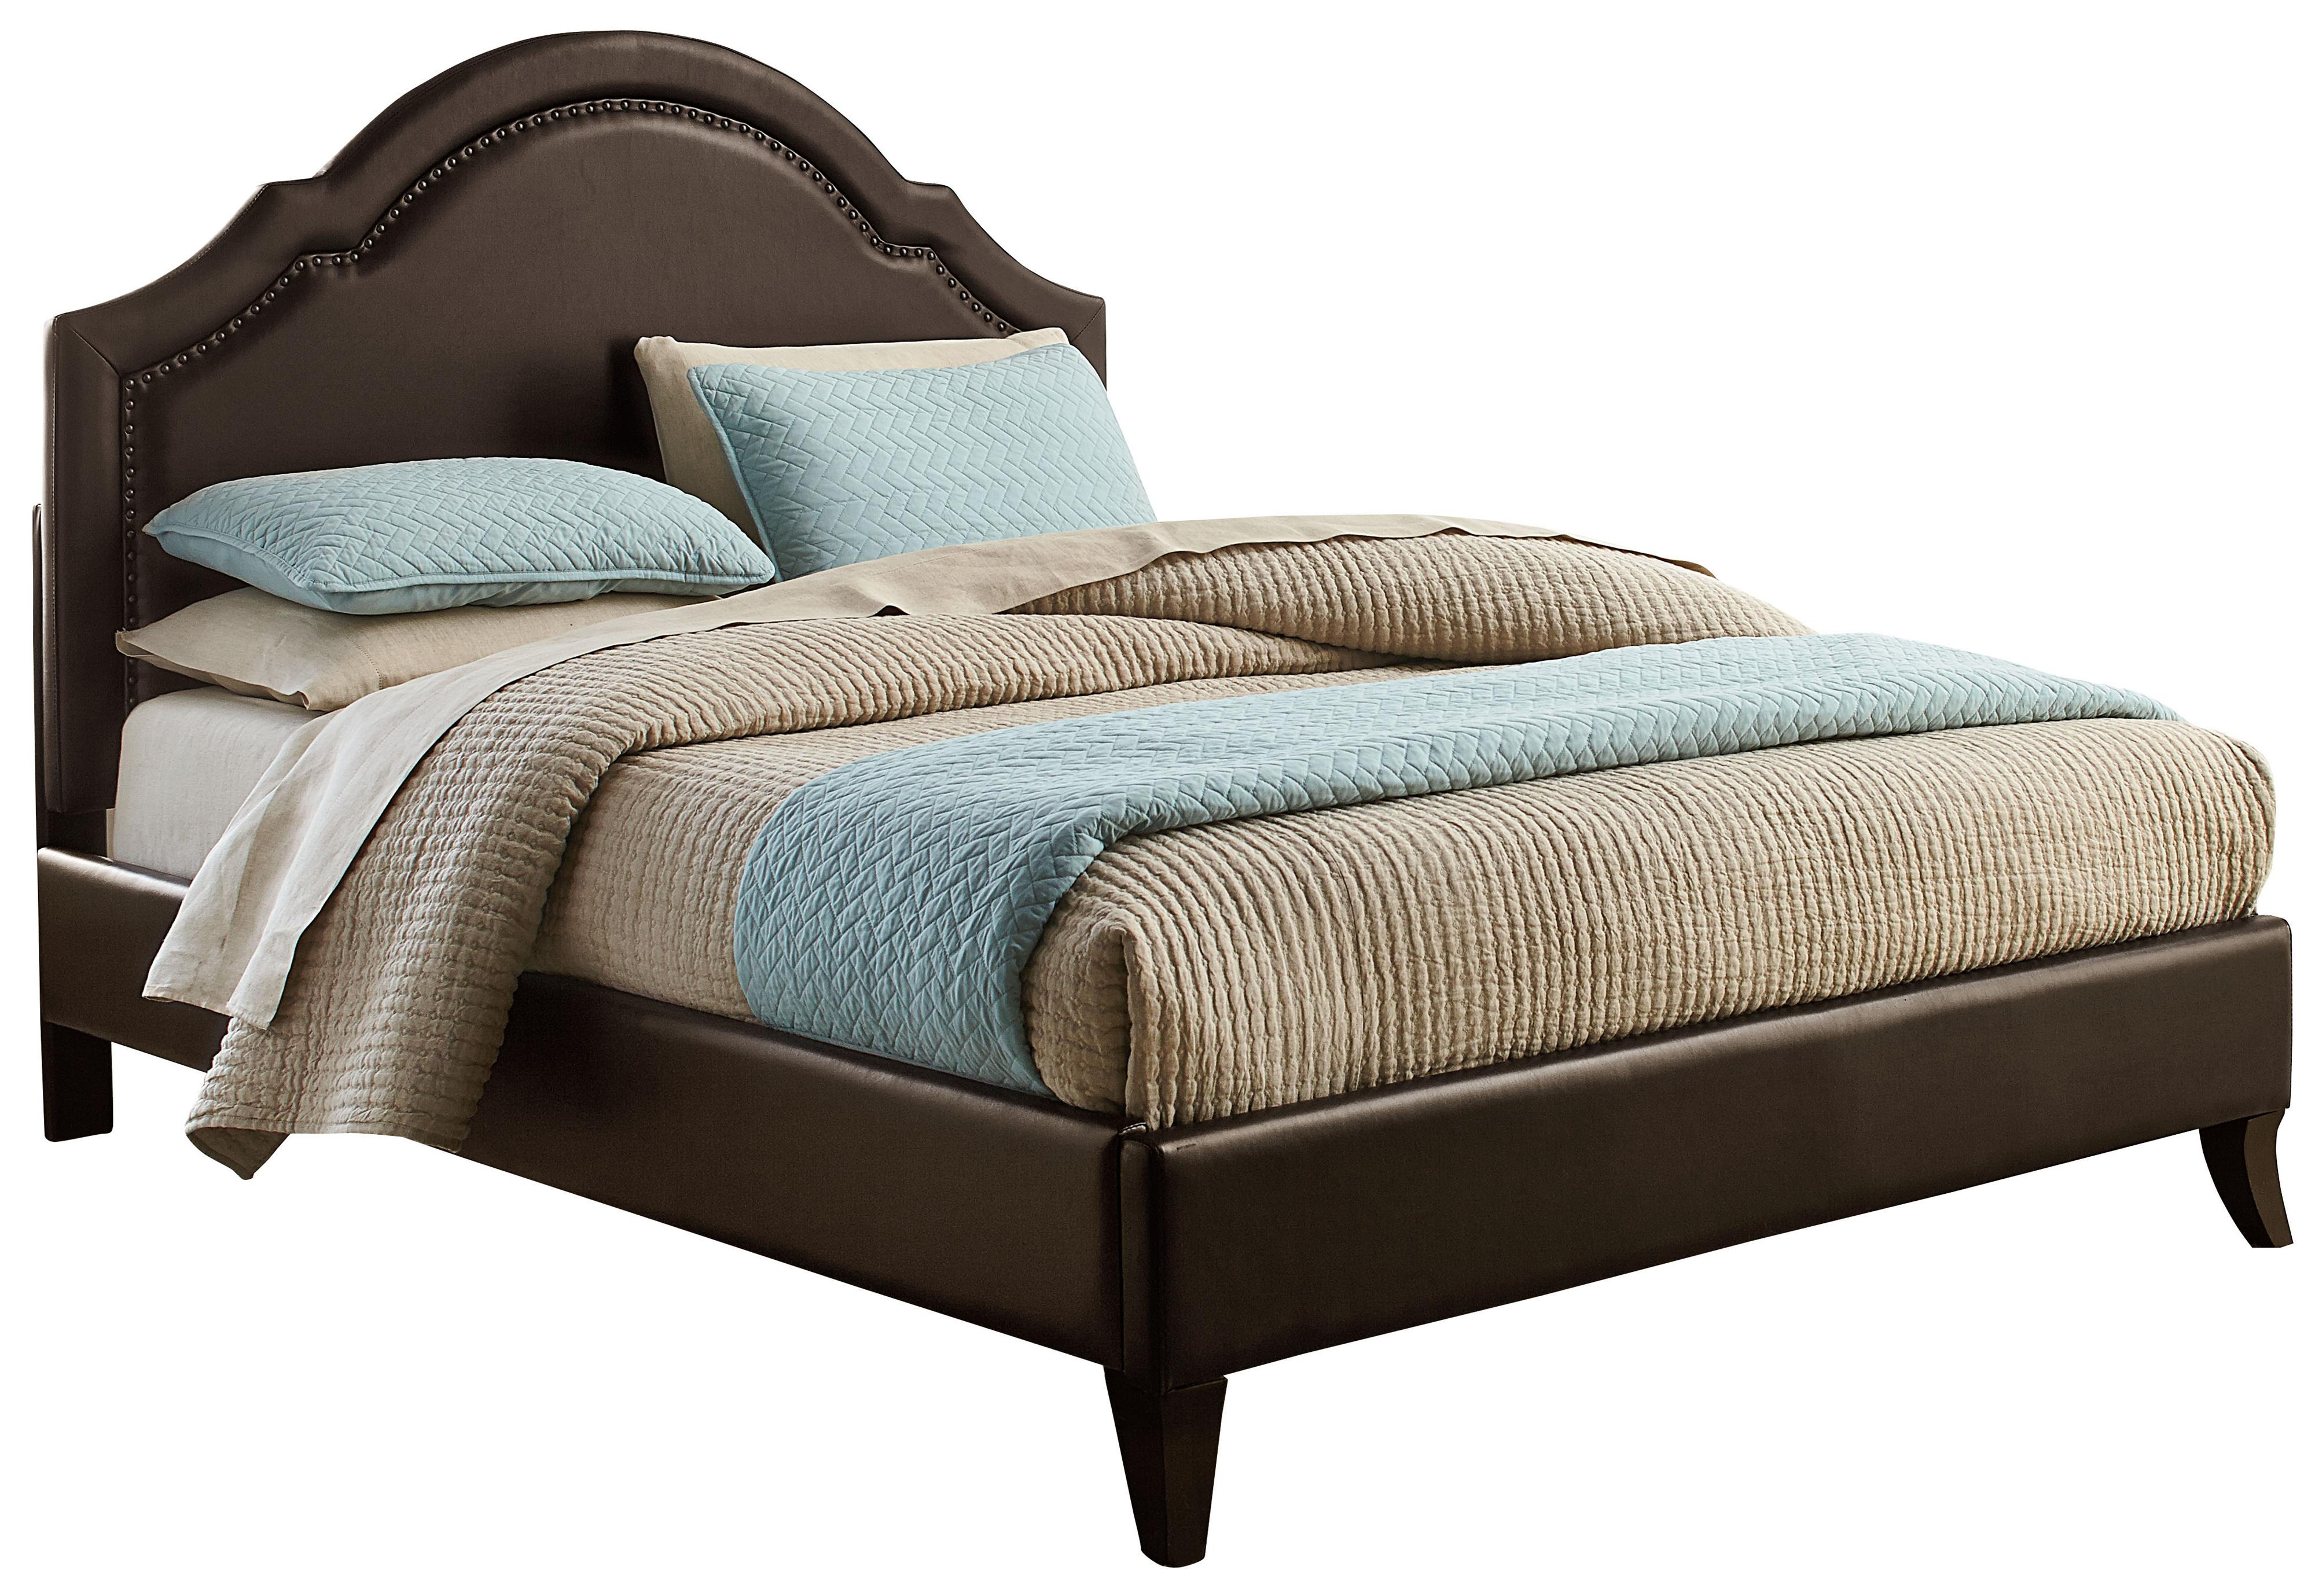 Standard Furniture Simplicity King Upholstered Platform Bed - Item Number: 81668